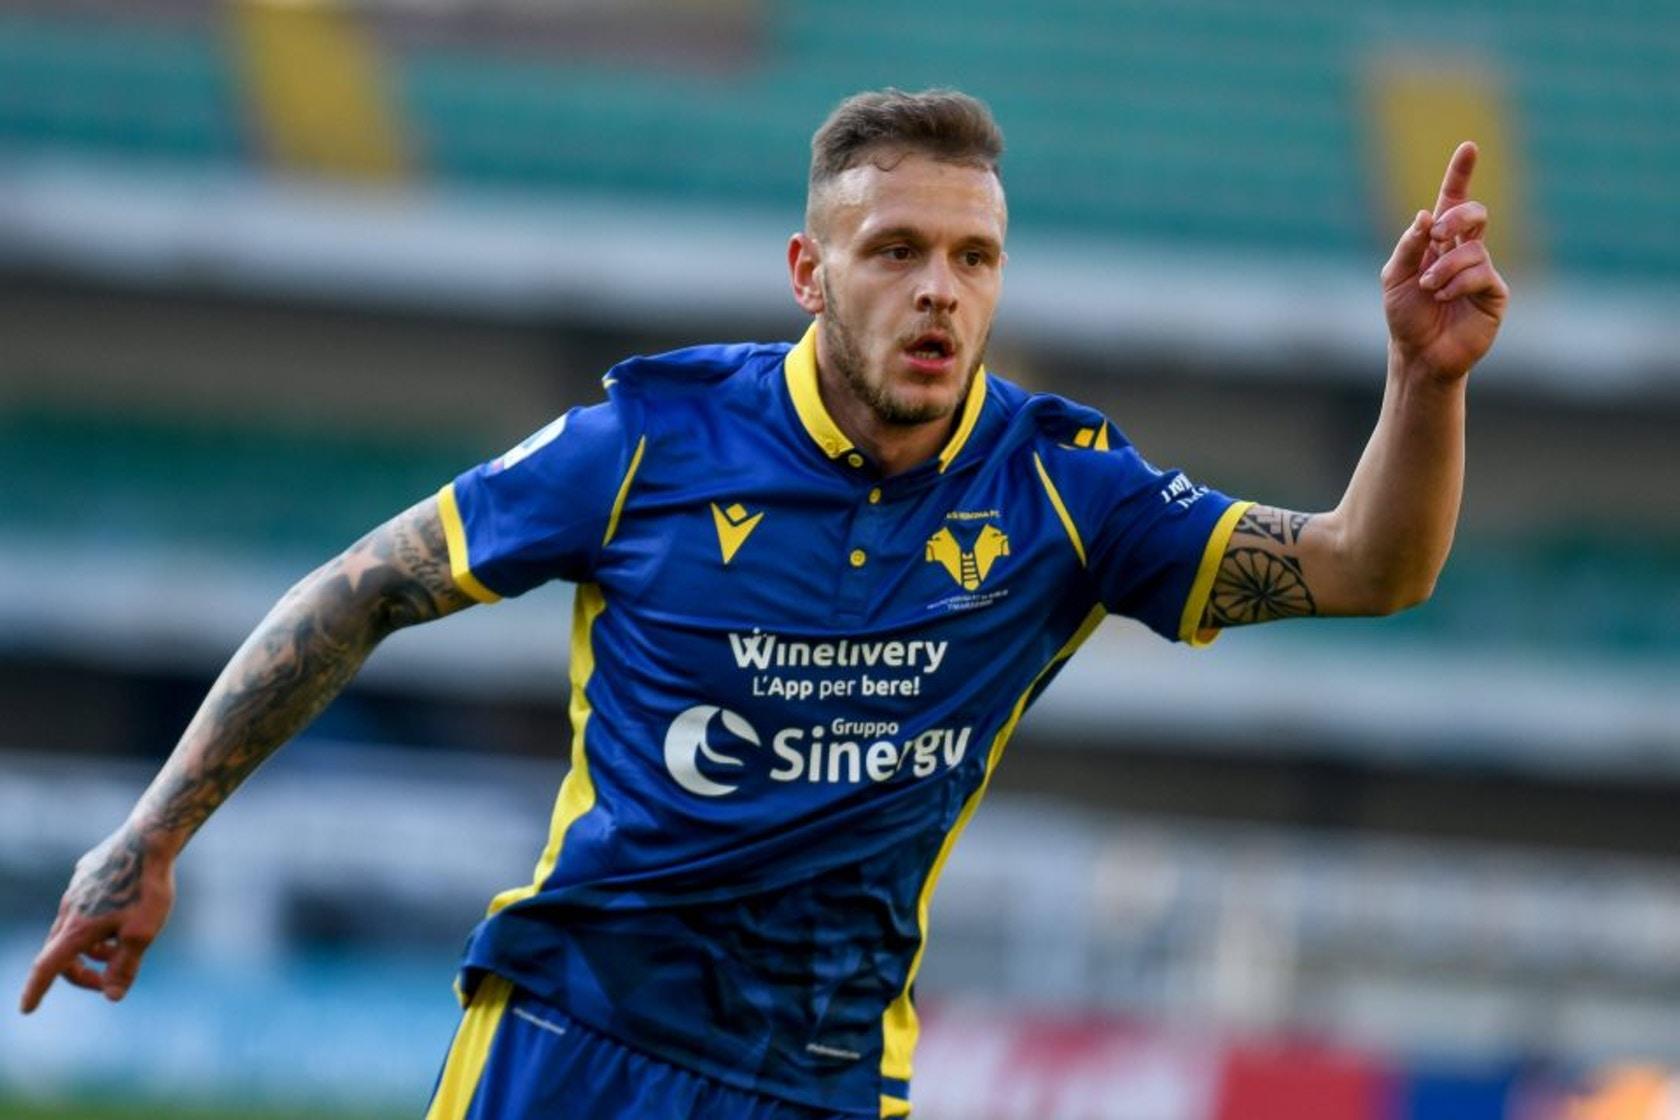 Ionuț Radu are bagajele făcute de Inter Milano, care îl va trimite la o altă formație din Serie A! Transferul va fi definitiv